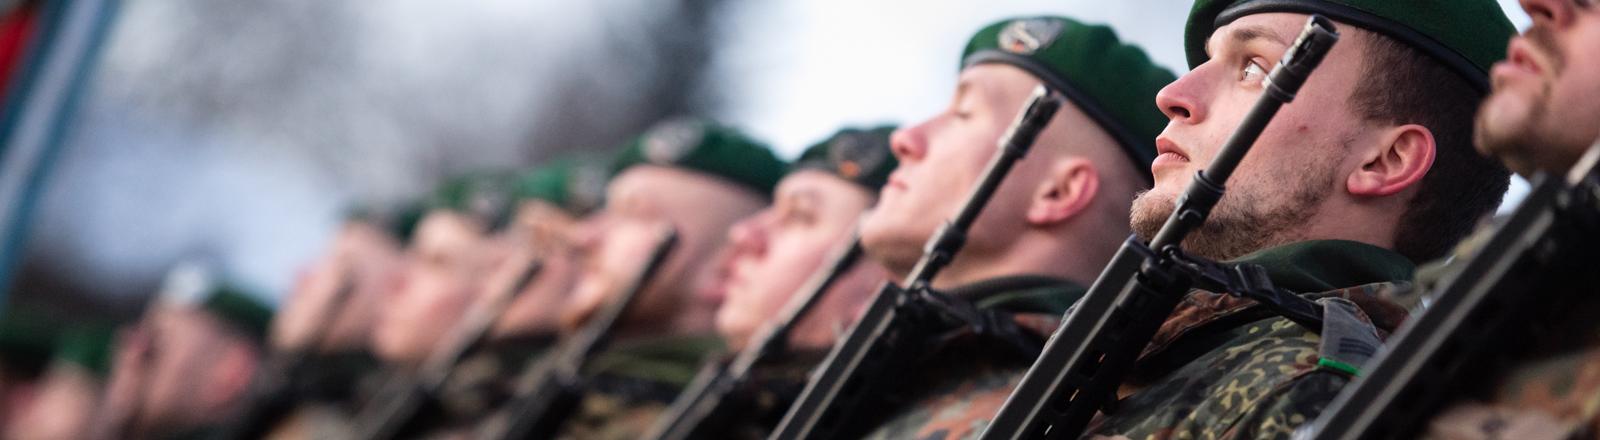 Bundeswehrsoldaten nehmen am 19.01.2017 an einem Verabschiedungsappell im Jahn-Stadion in Oberviechtach (Bayern) teil